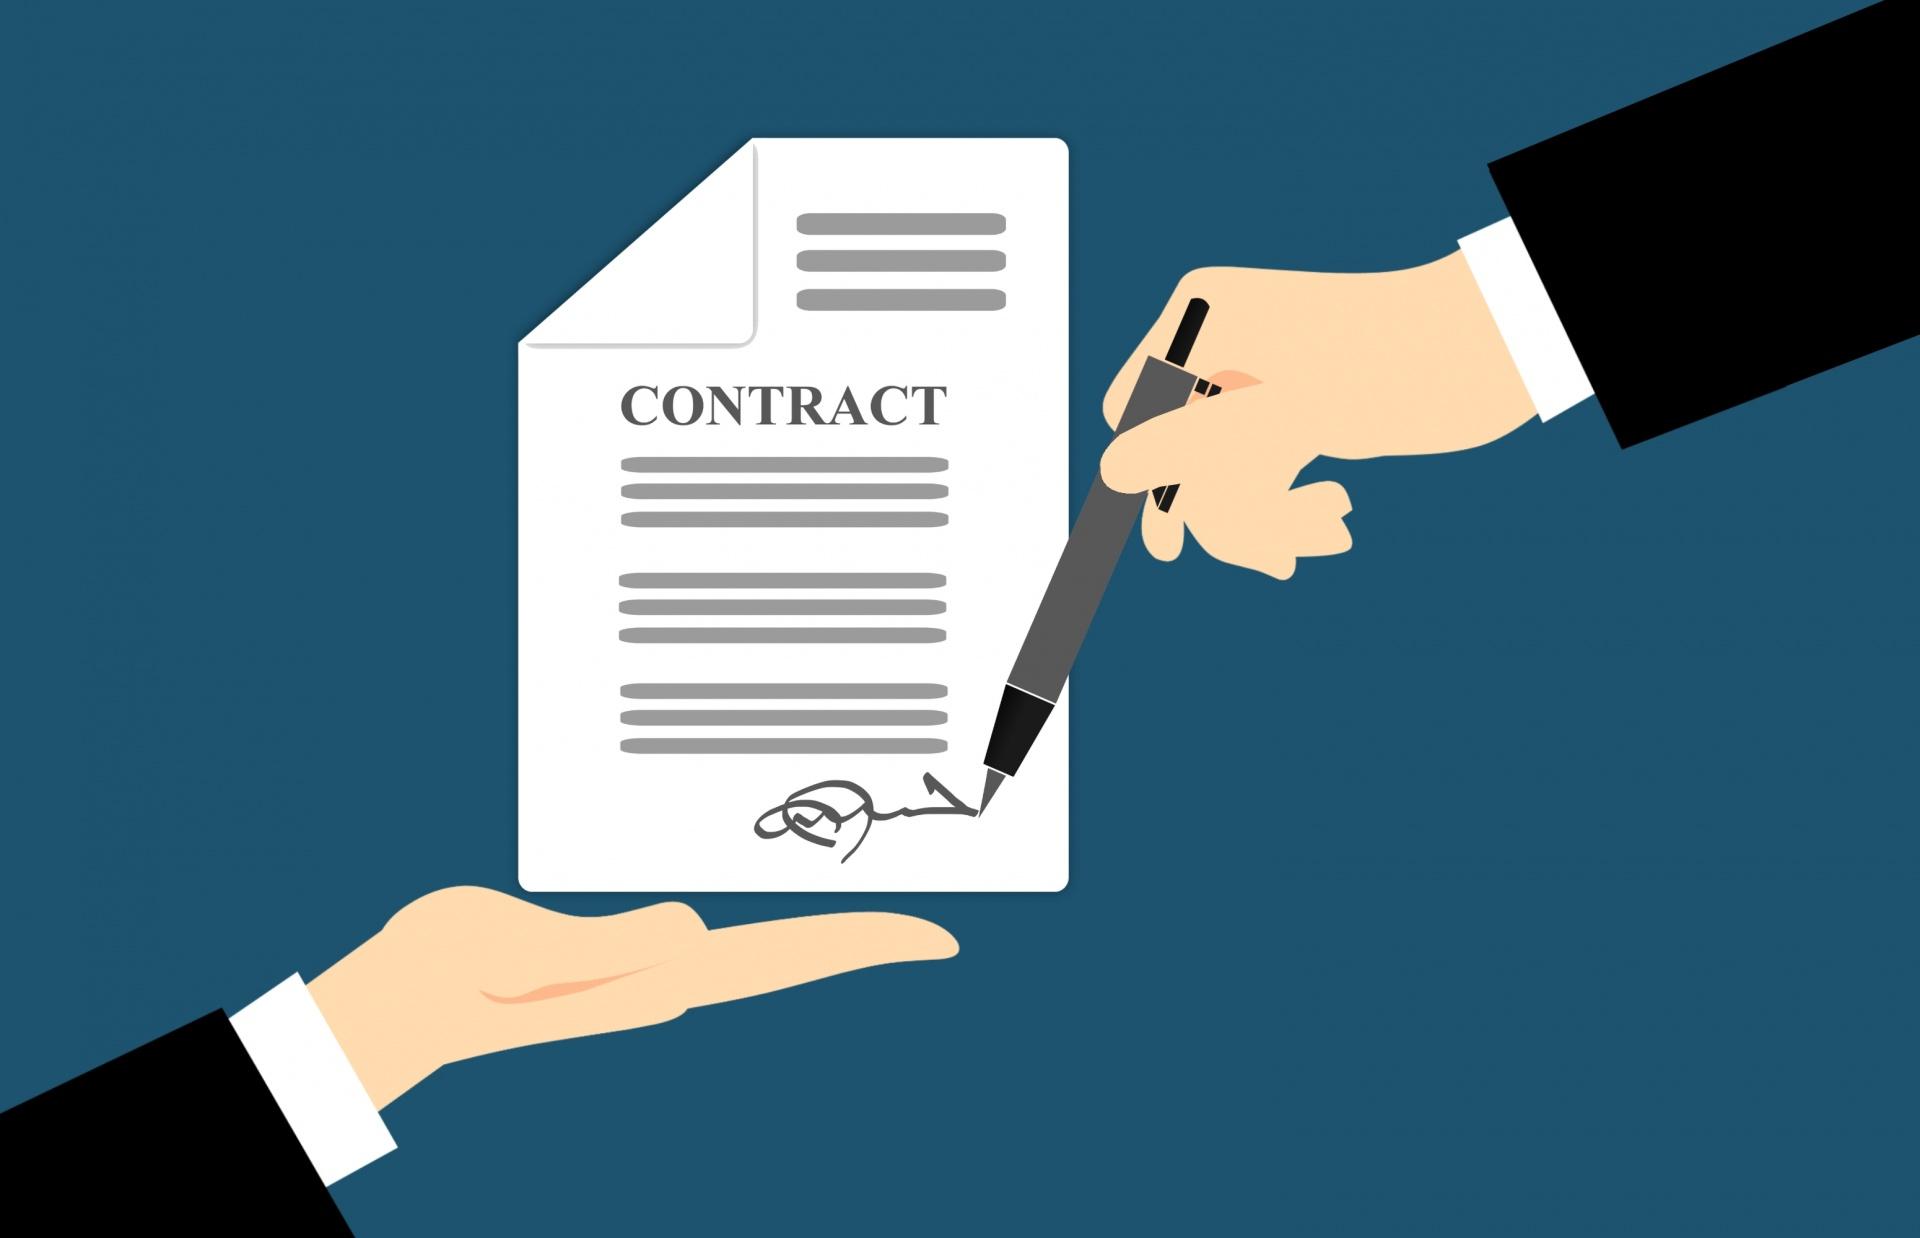 Il MiSE incarica le Camere di Commercio di rilasciare attestazioni su richiesta delle imprese per invocare la forza maggiore